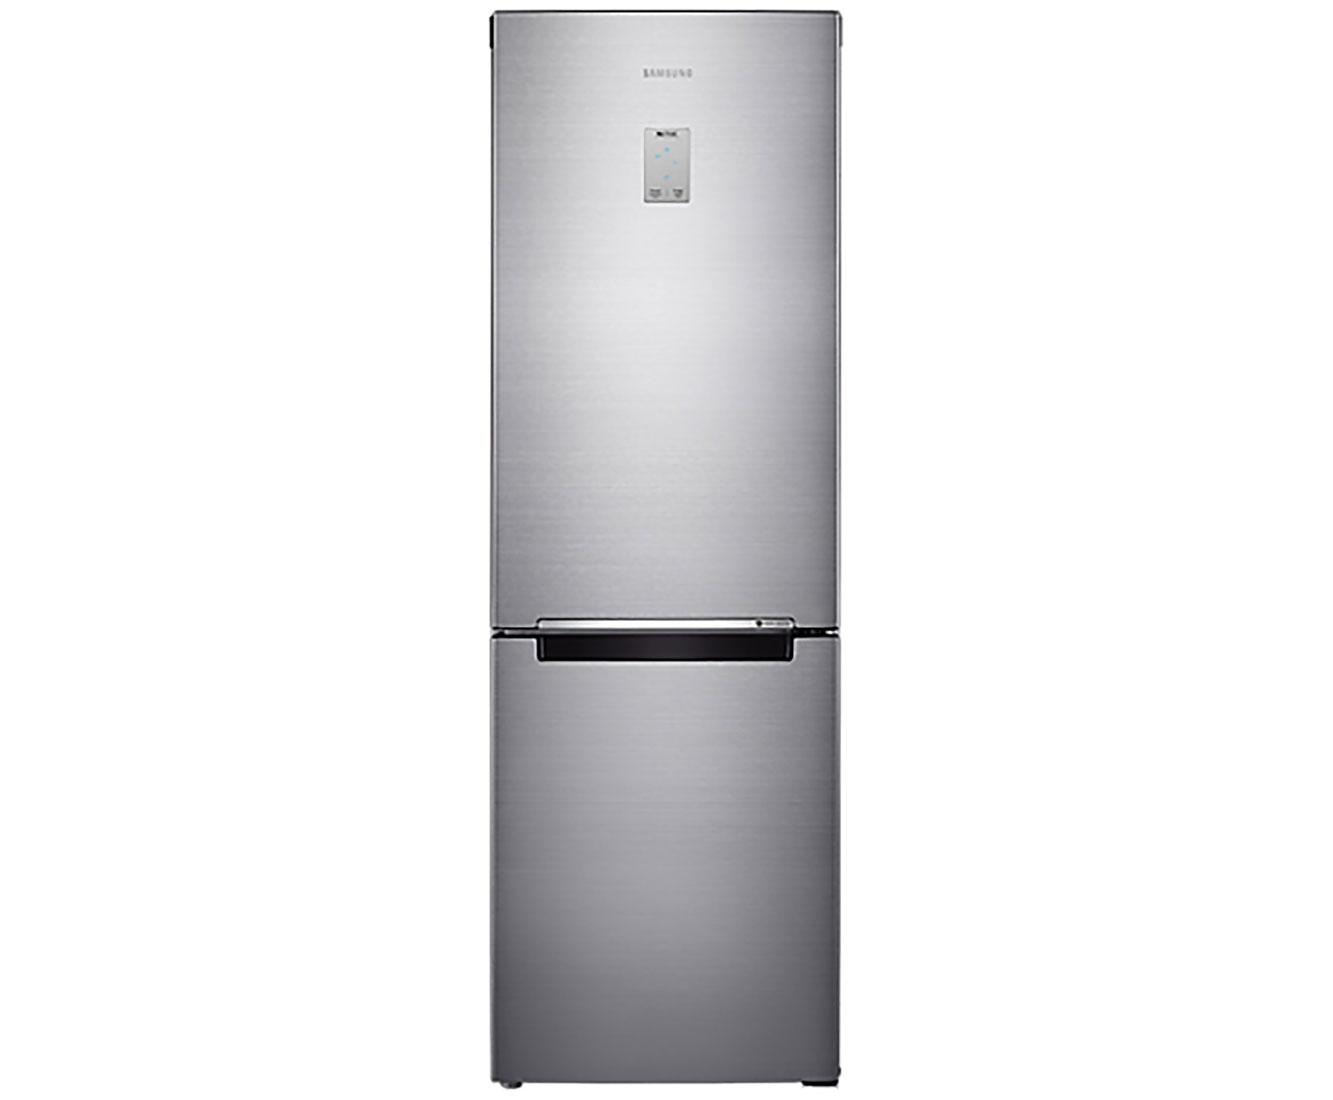 Samsung RL33N341MSS/EG Kühl-Gefrierkombinationen - Edelstahl-Optik | Küche und Esszimmer > Küchenelektrogeräte > Kühl-Gefrierkombis | Edelstahl | Samsung